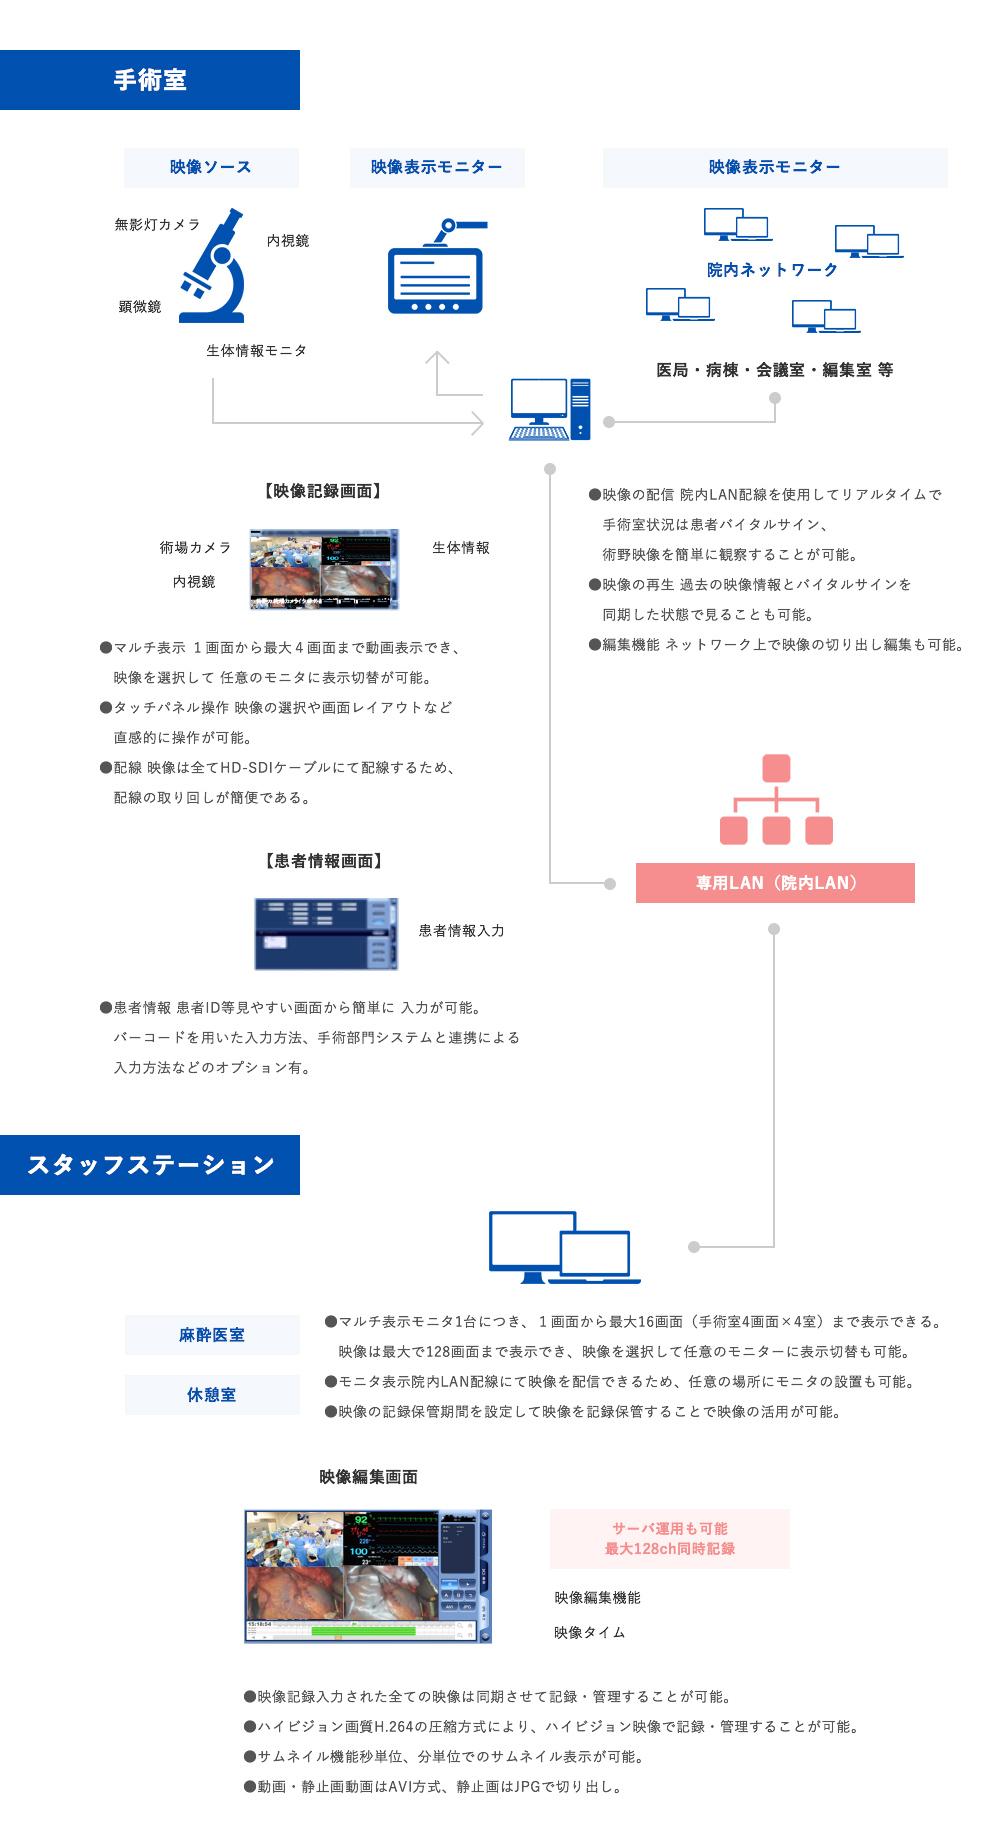 オペ室インテグレーションシステム